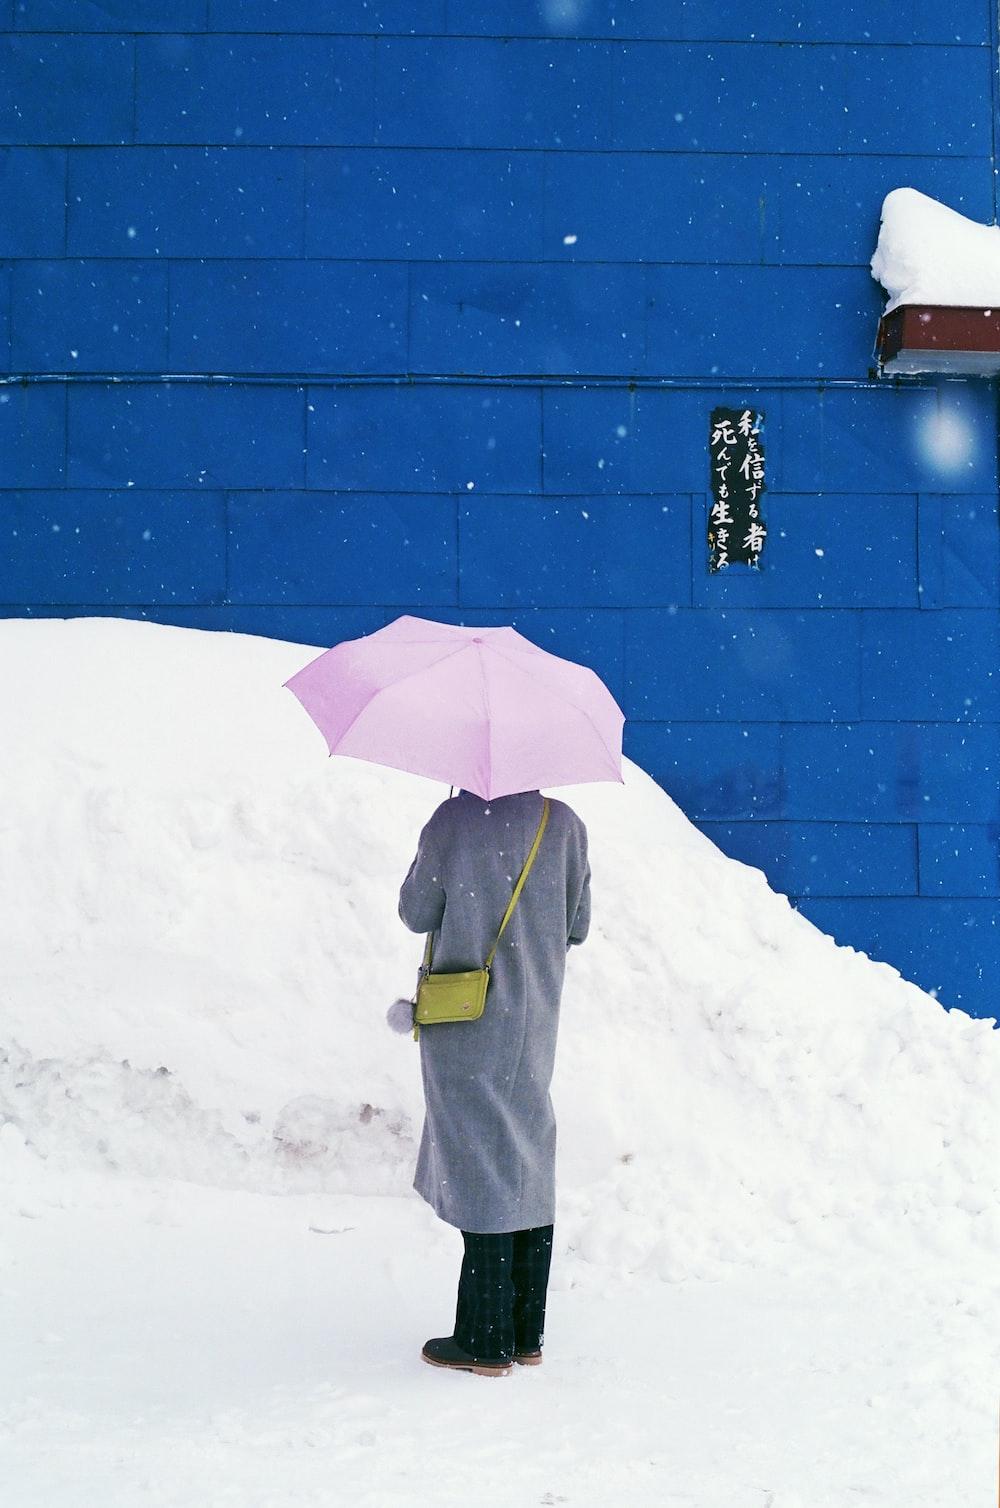 person holding white umbrella